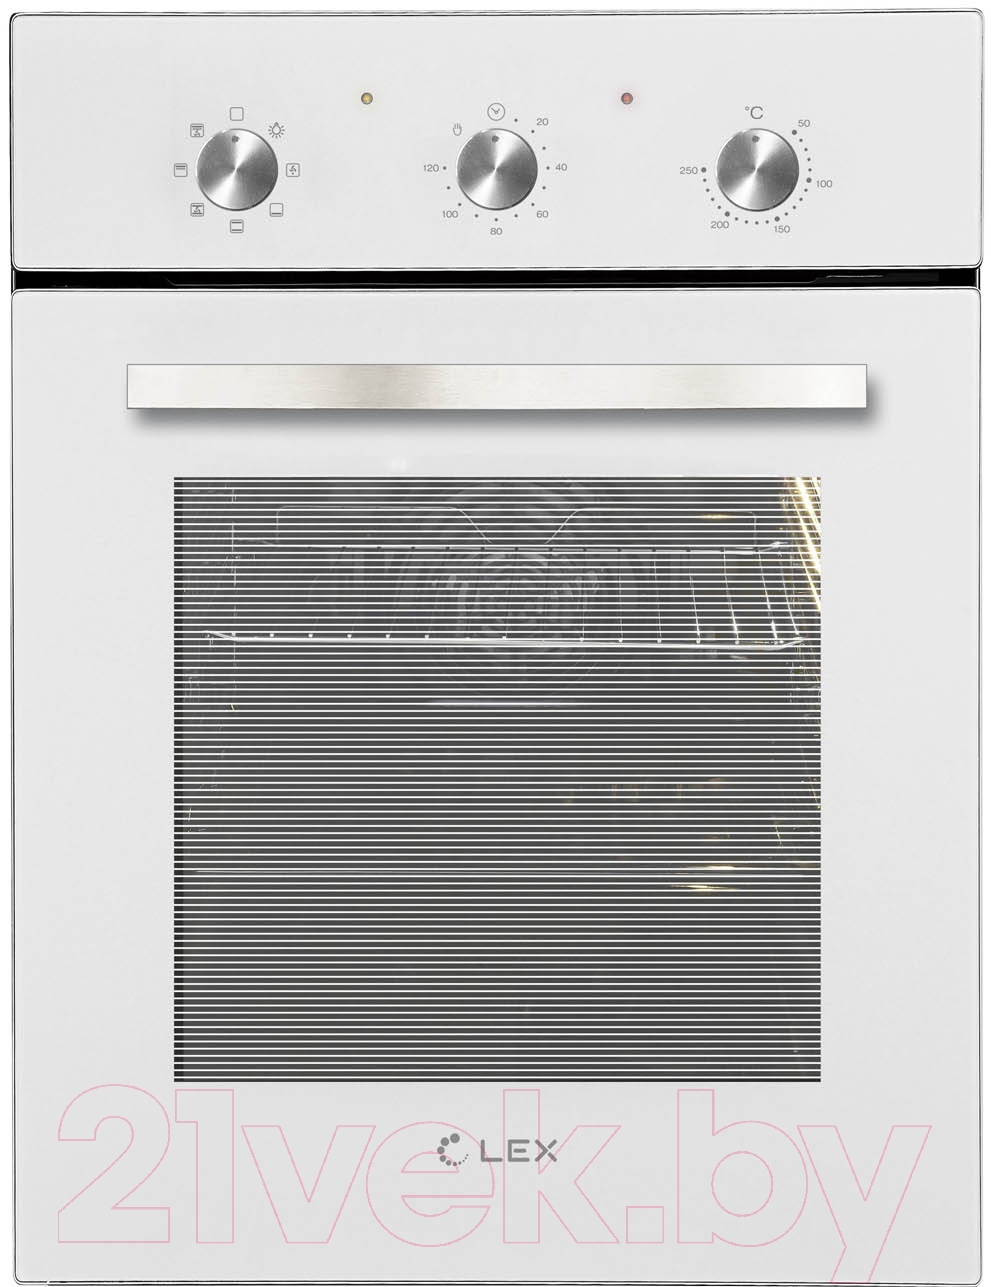 Купить Электрический духовой шкаф Lex, EDM 4570 WH / CHAO000301, Россия